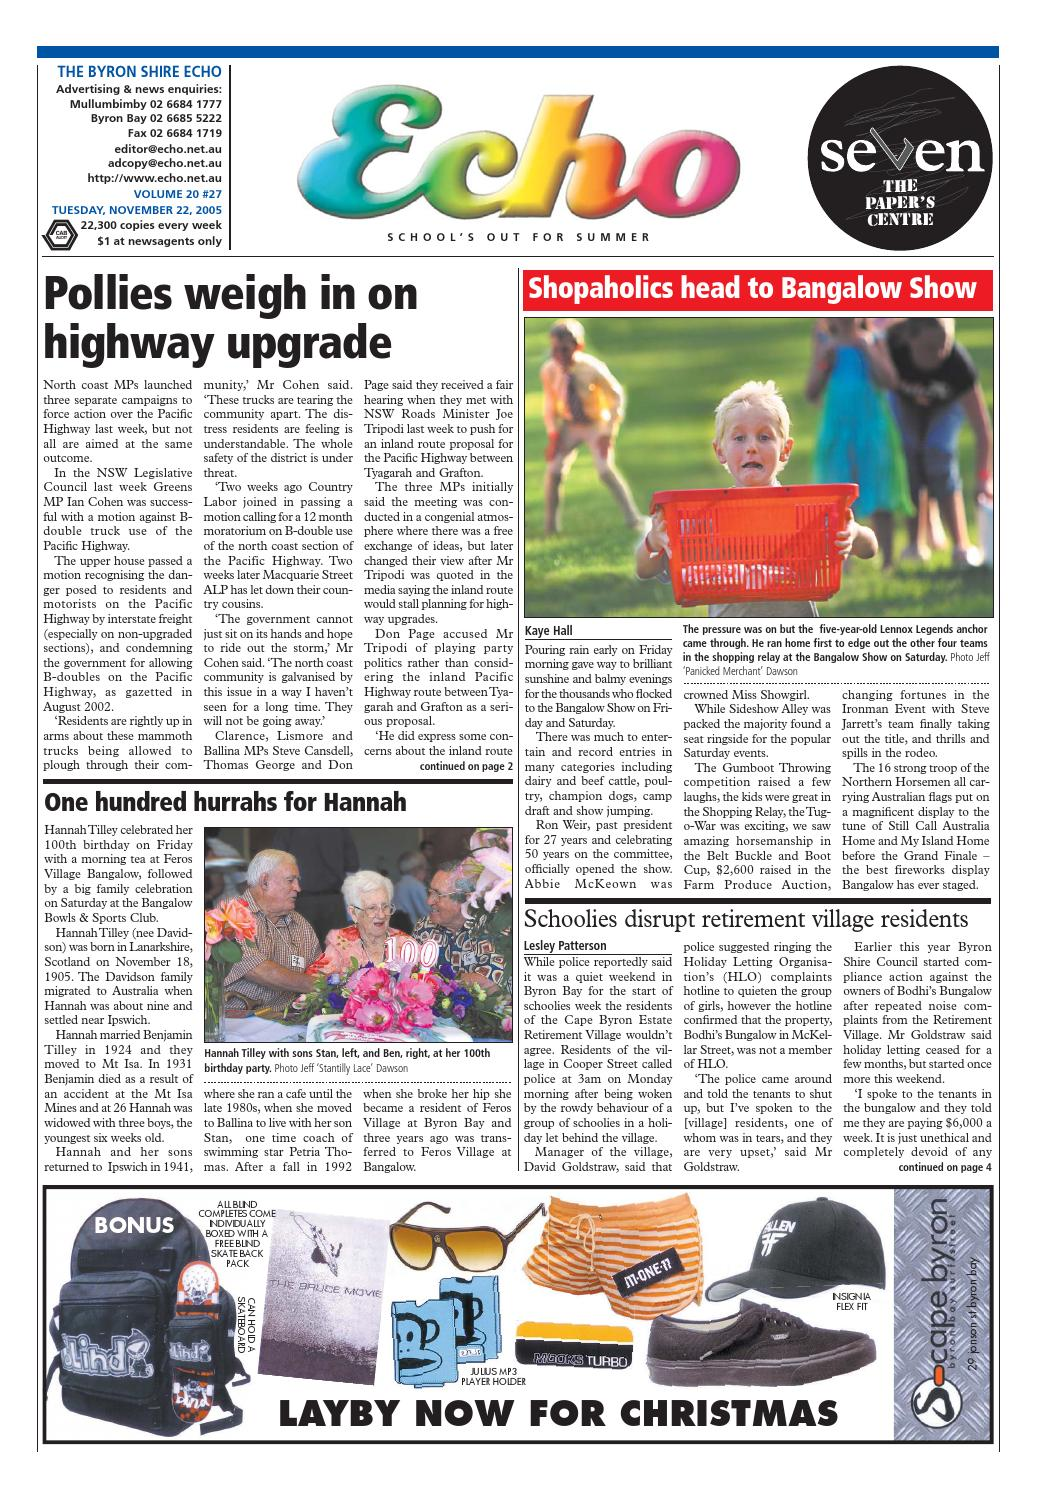 Byron Shire Echo – Issue 20 27 – 22/11/2005 by Echo